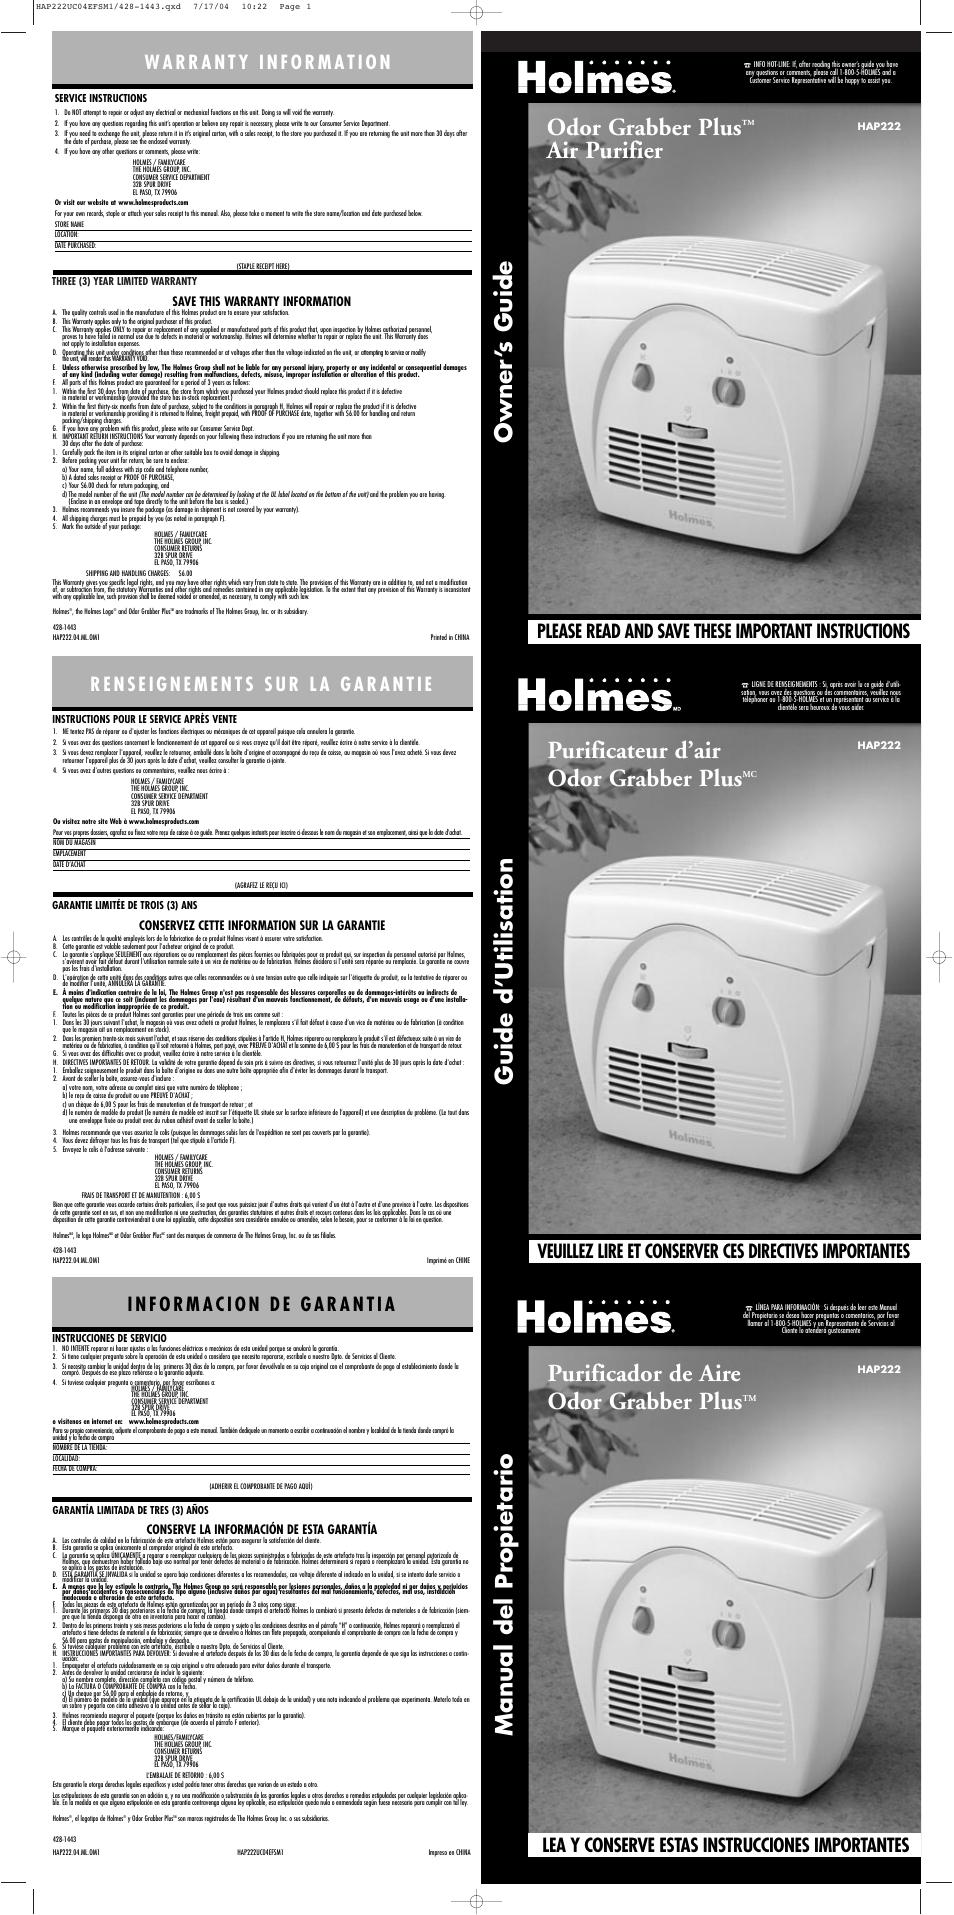 Holmes Hap222 User Manual